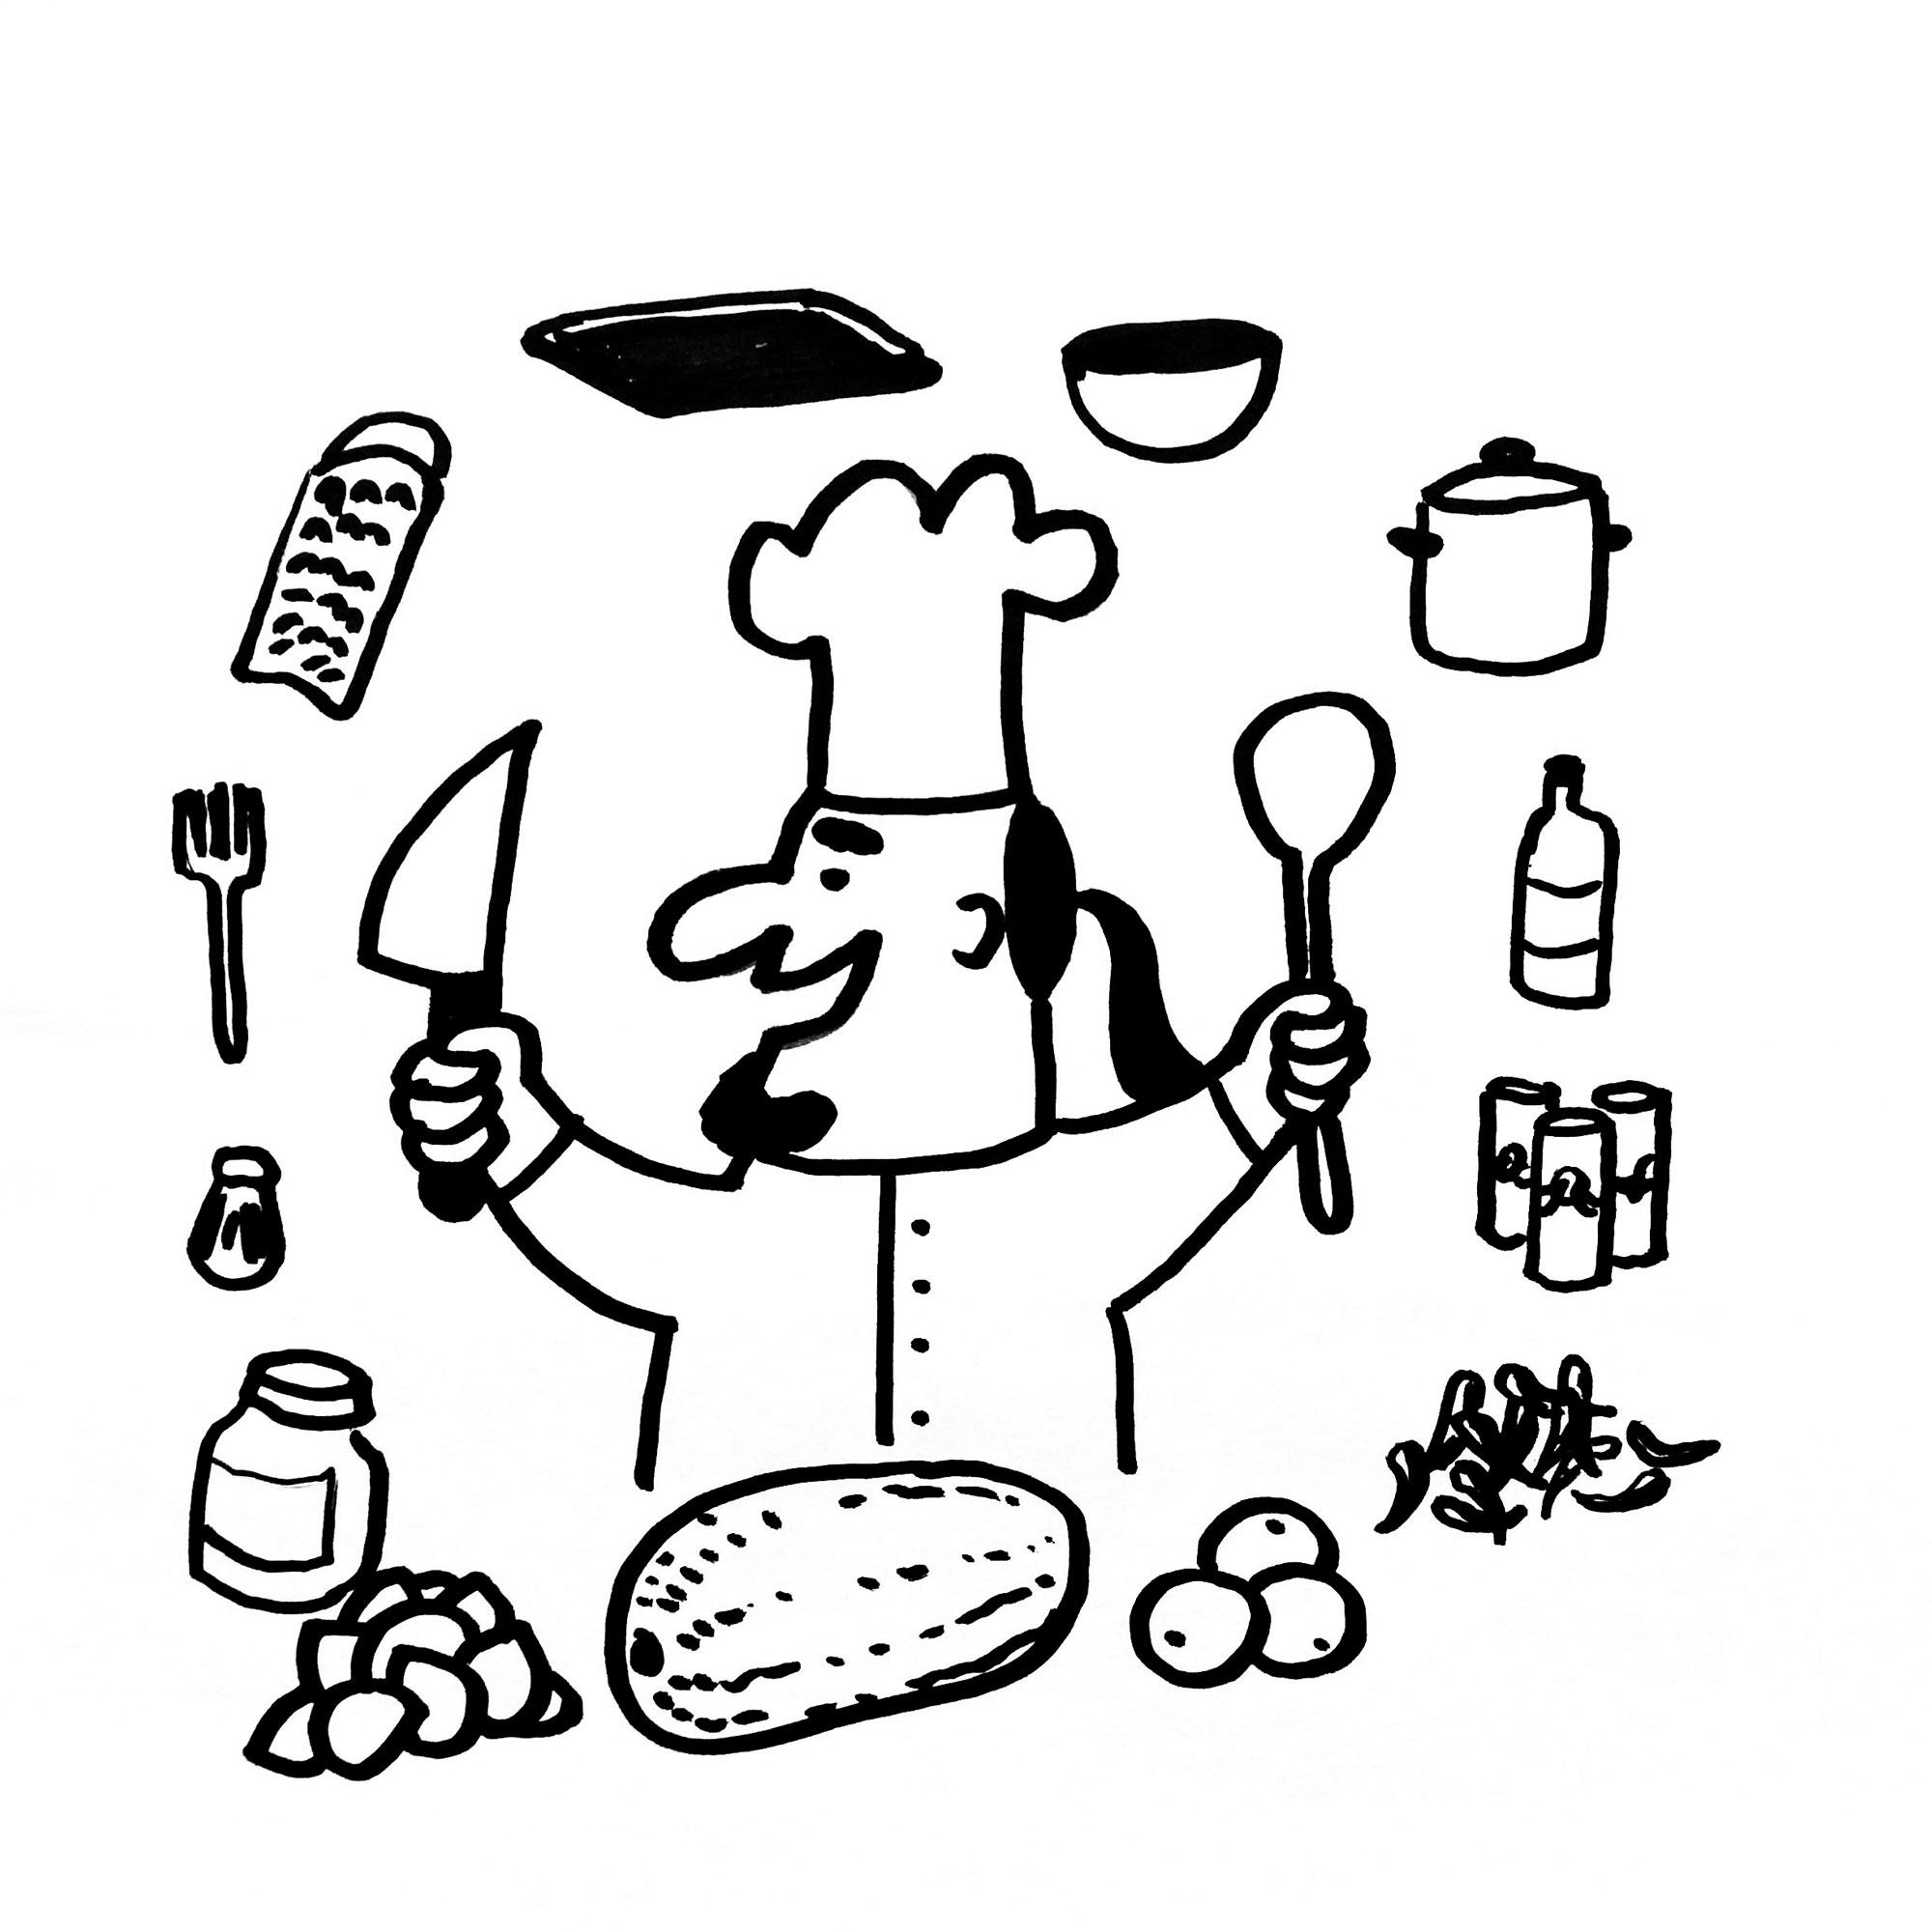 Alf tritt in Sinas Fußstapfen und übernimmt die Rezepte-Rubrik